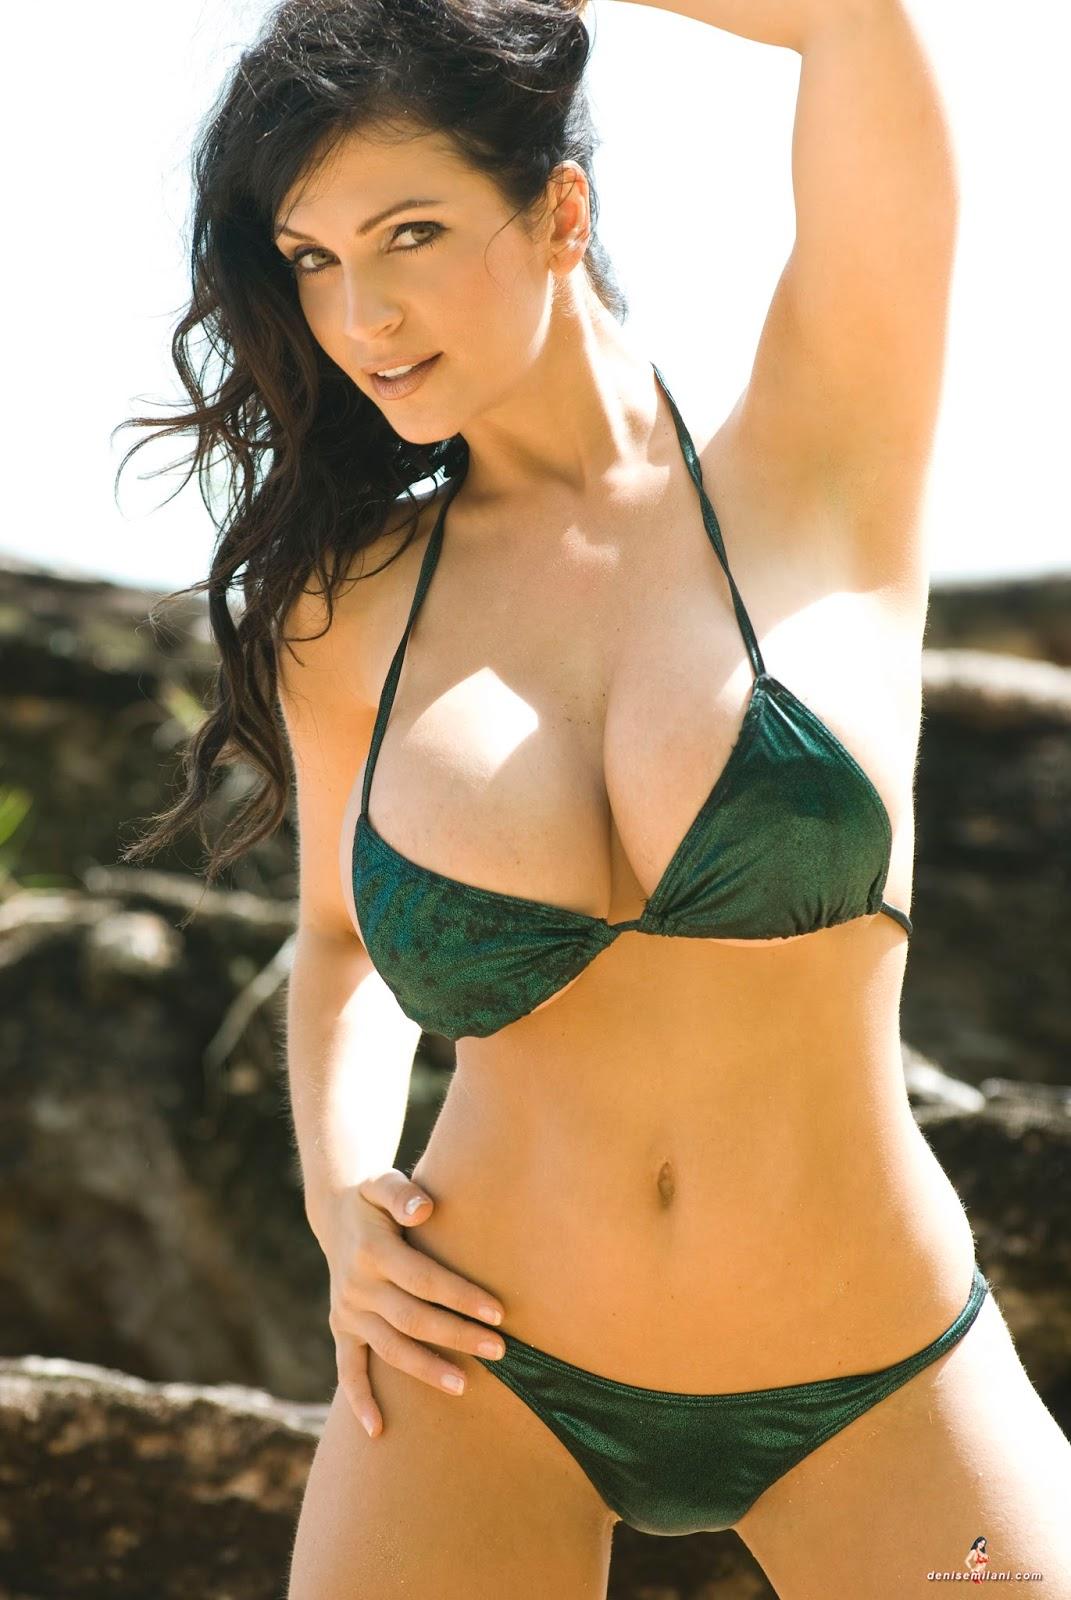 Denise milani green hawaii bikini